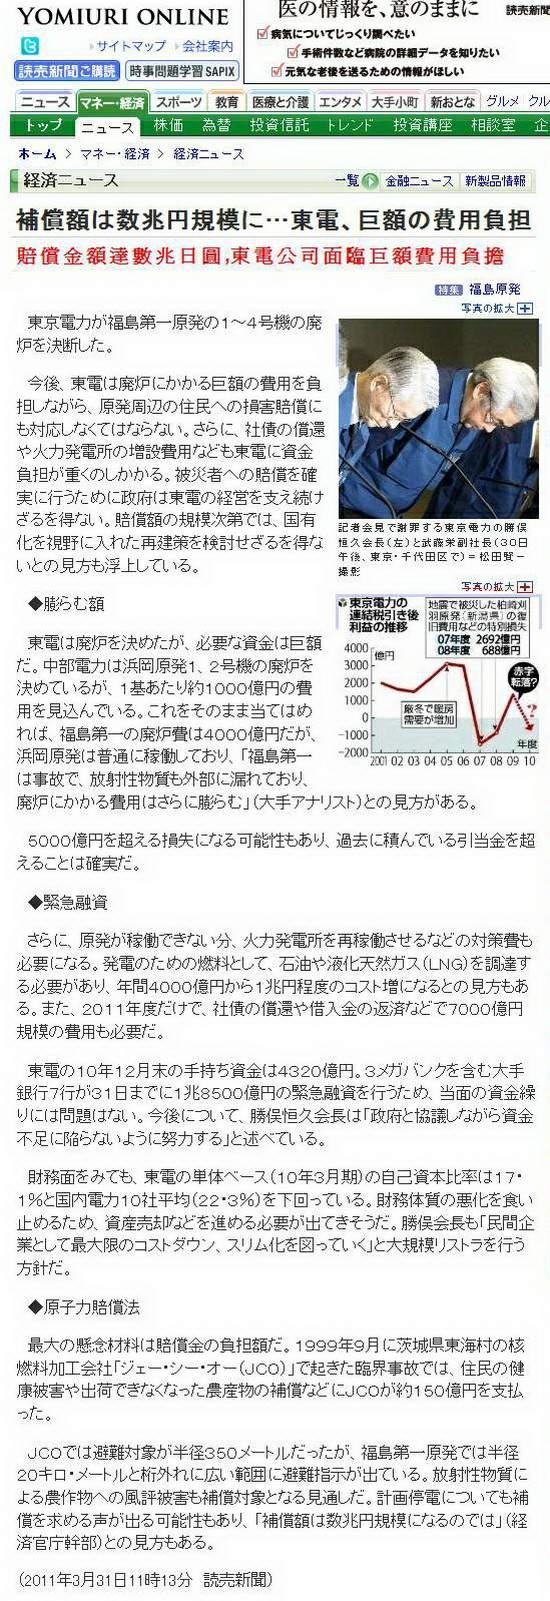 賠償費用達數兆日圓 東電面臨巨額負擔-2011.03.31.jpg